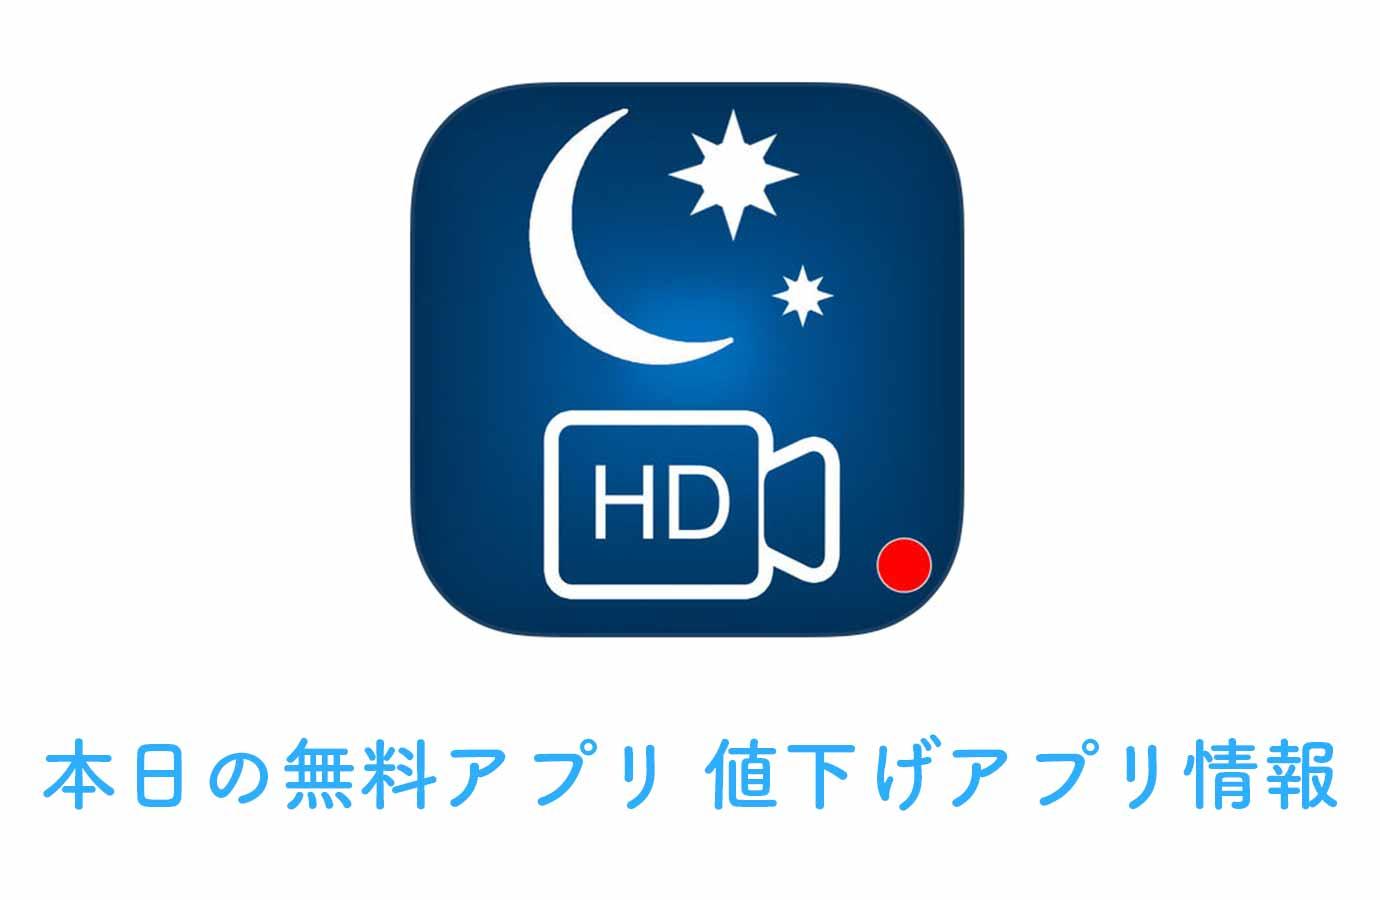 360円→無料!夜景を綺麗に撮影できるカメラアプリ「Night Photo and Video Shoot」など【1/19】本日の無料アプリ、値下げアプリ情報